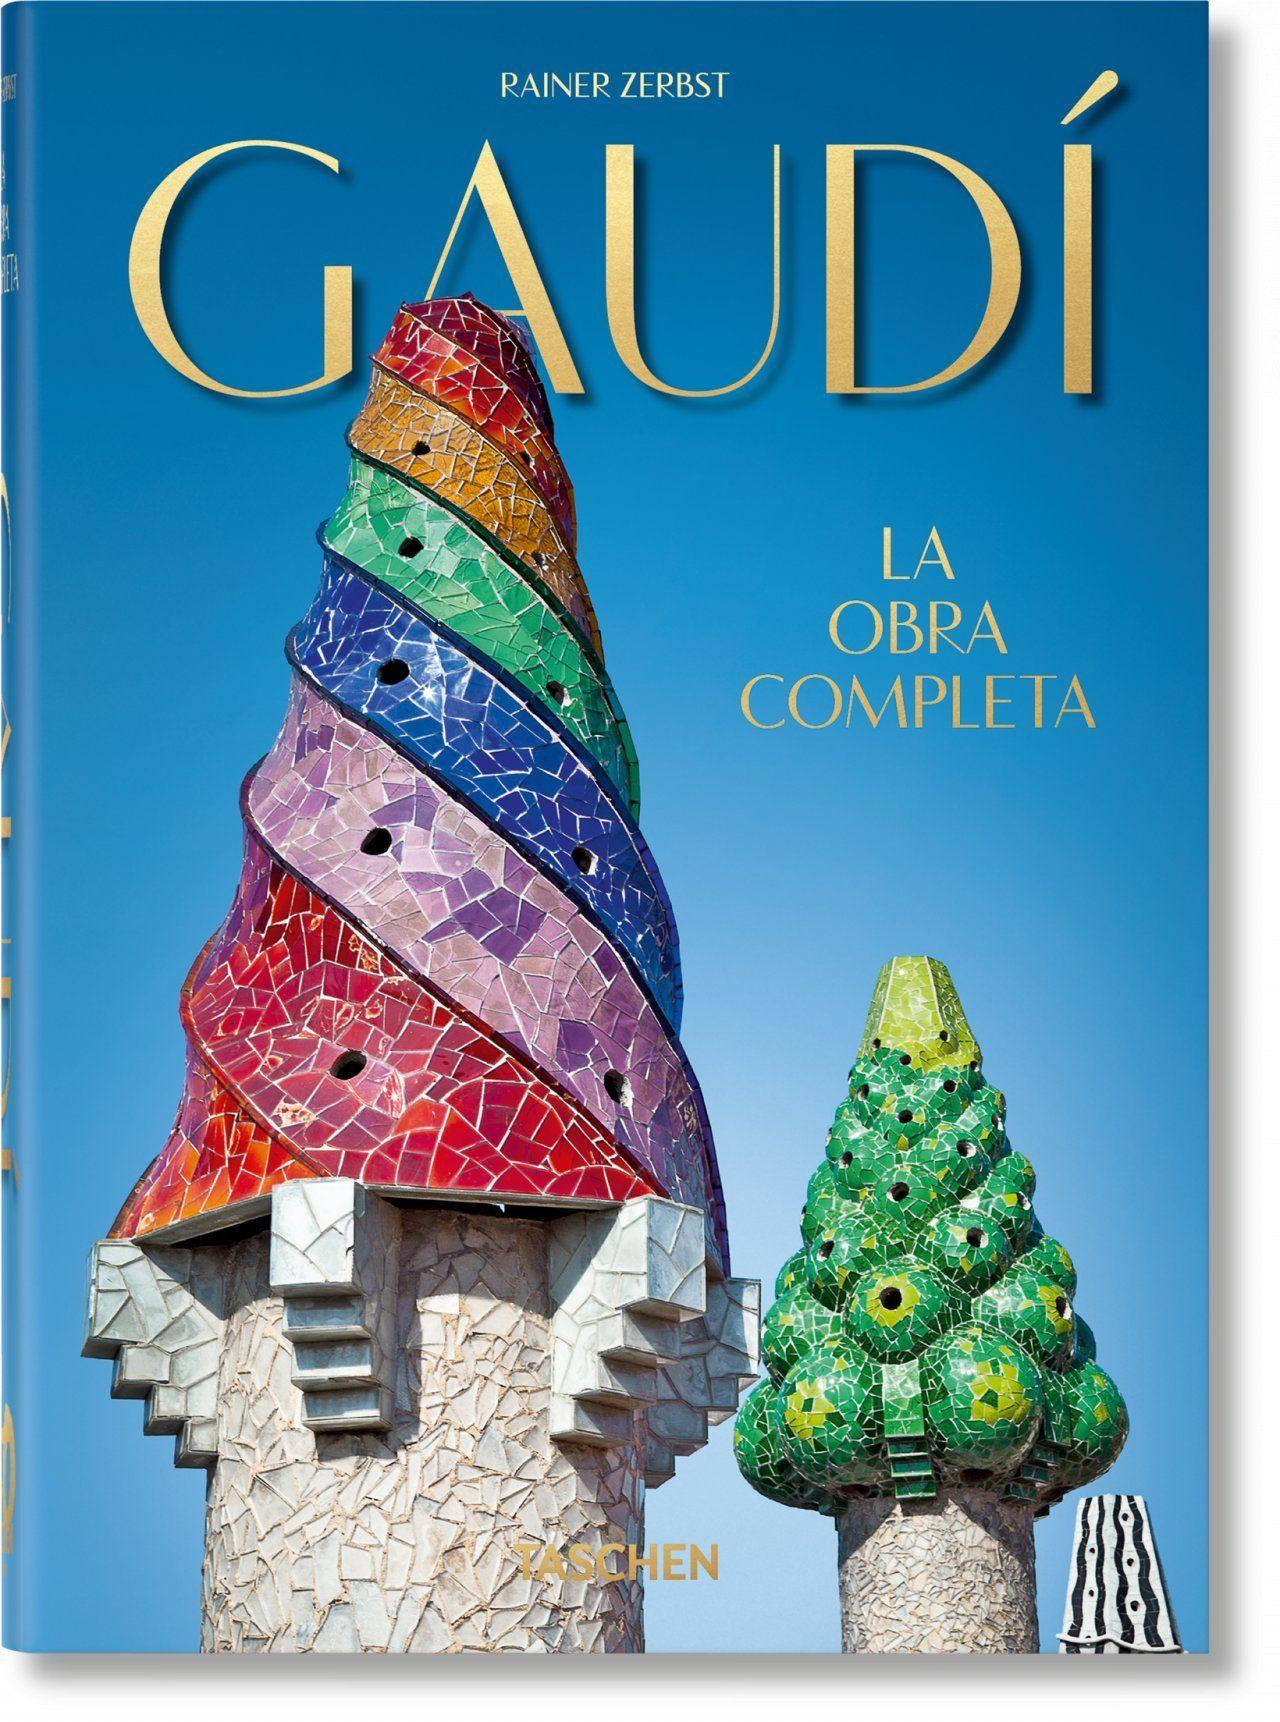 GAUDI LA OBRA COMPLETA 40TH ANNIVERSARY EDITION